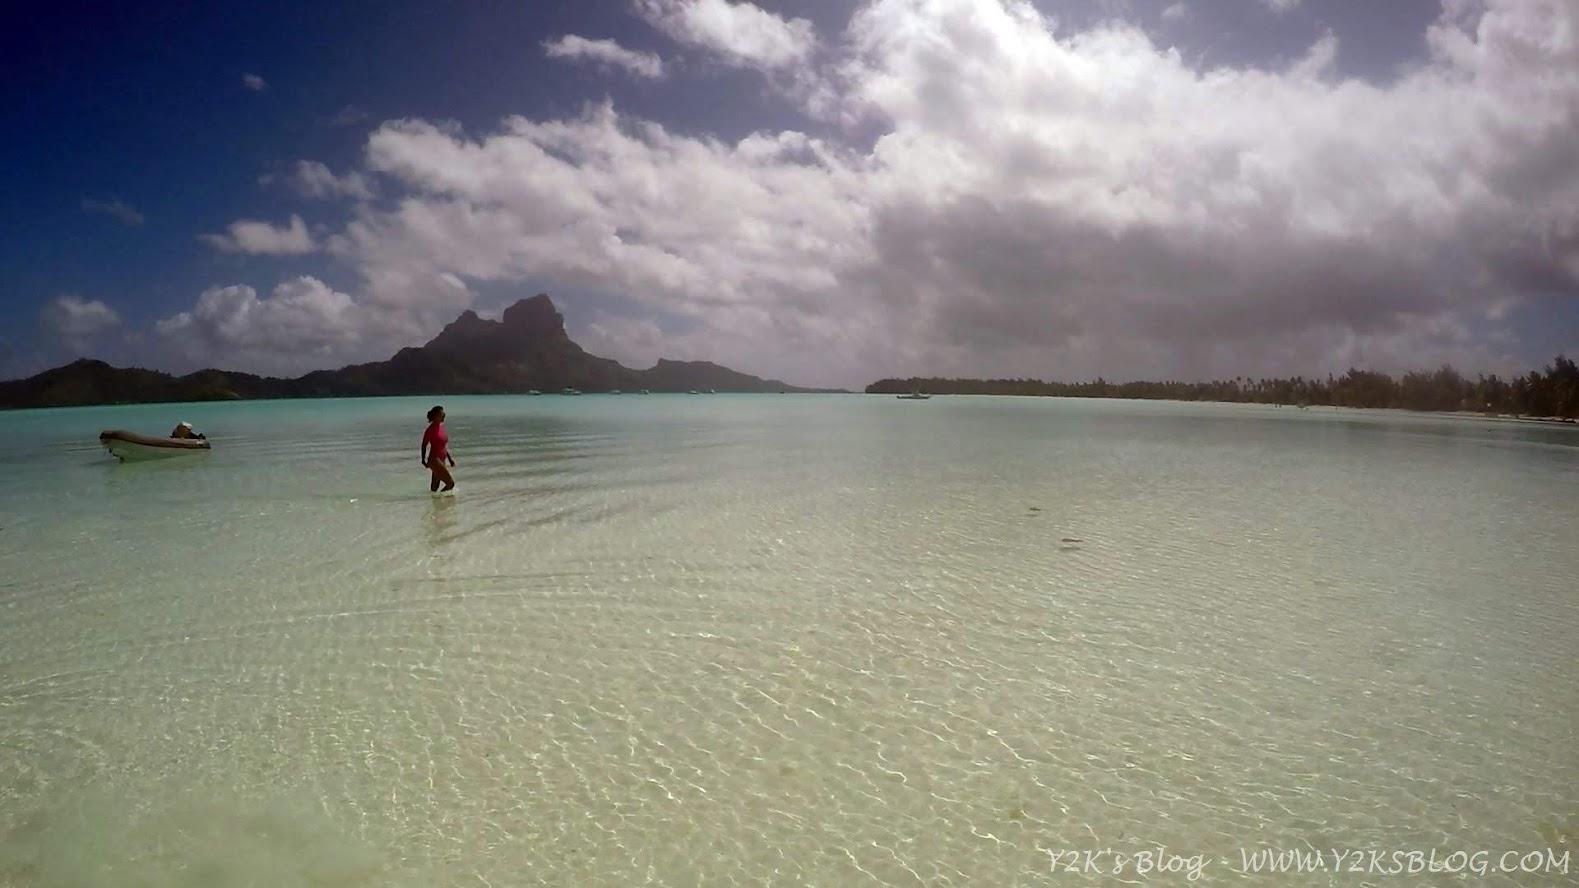 A spasso sul bagnasciuga. Ancoraggio SE - Bora Bora